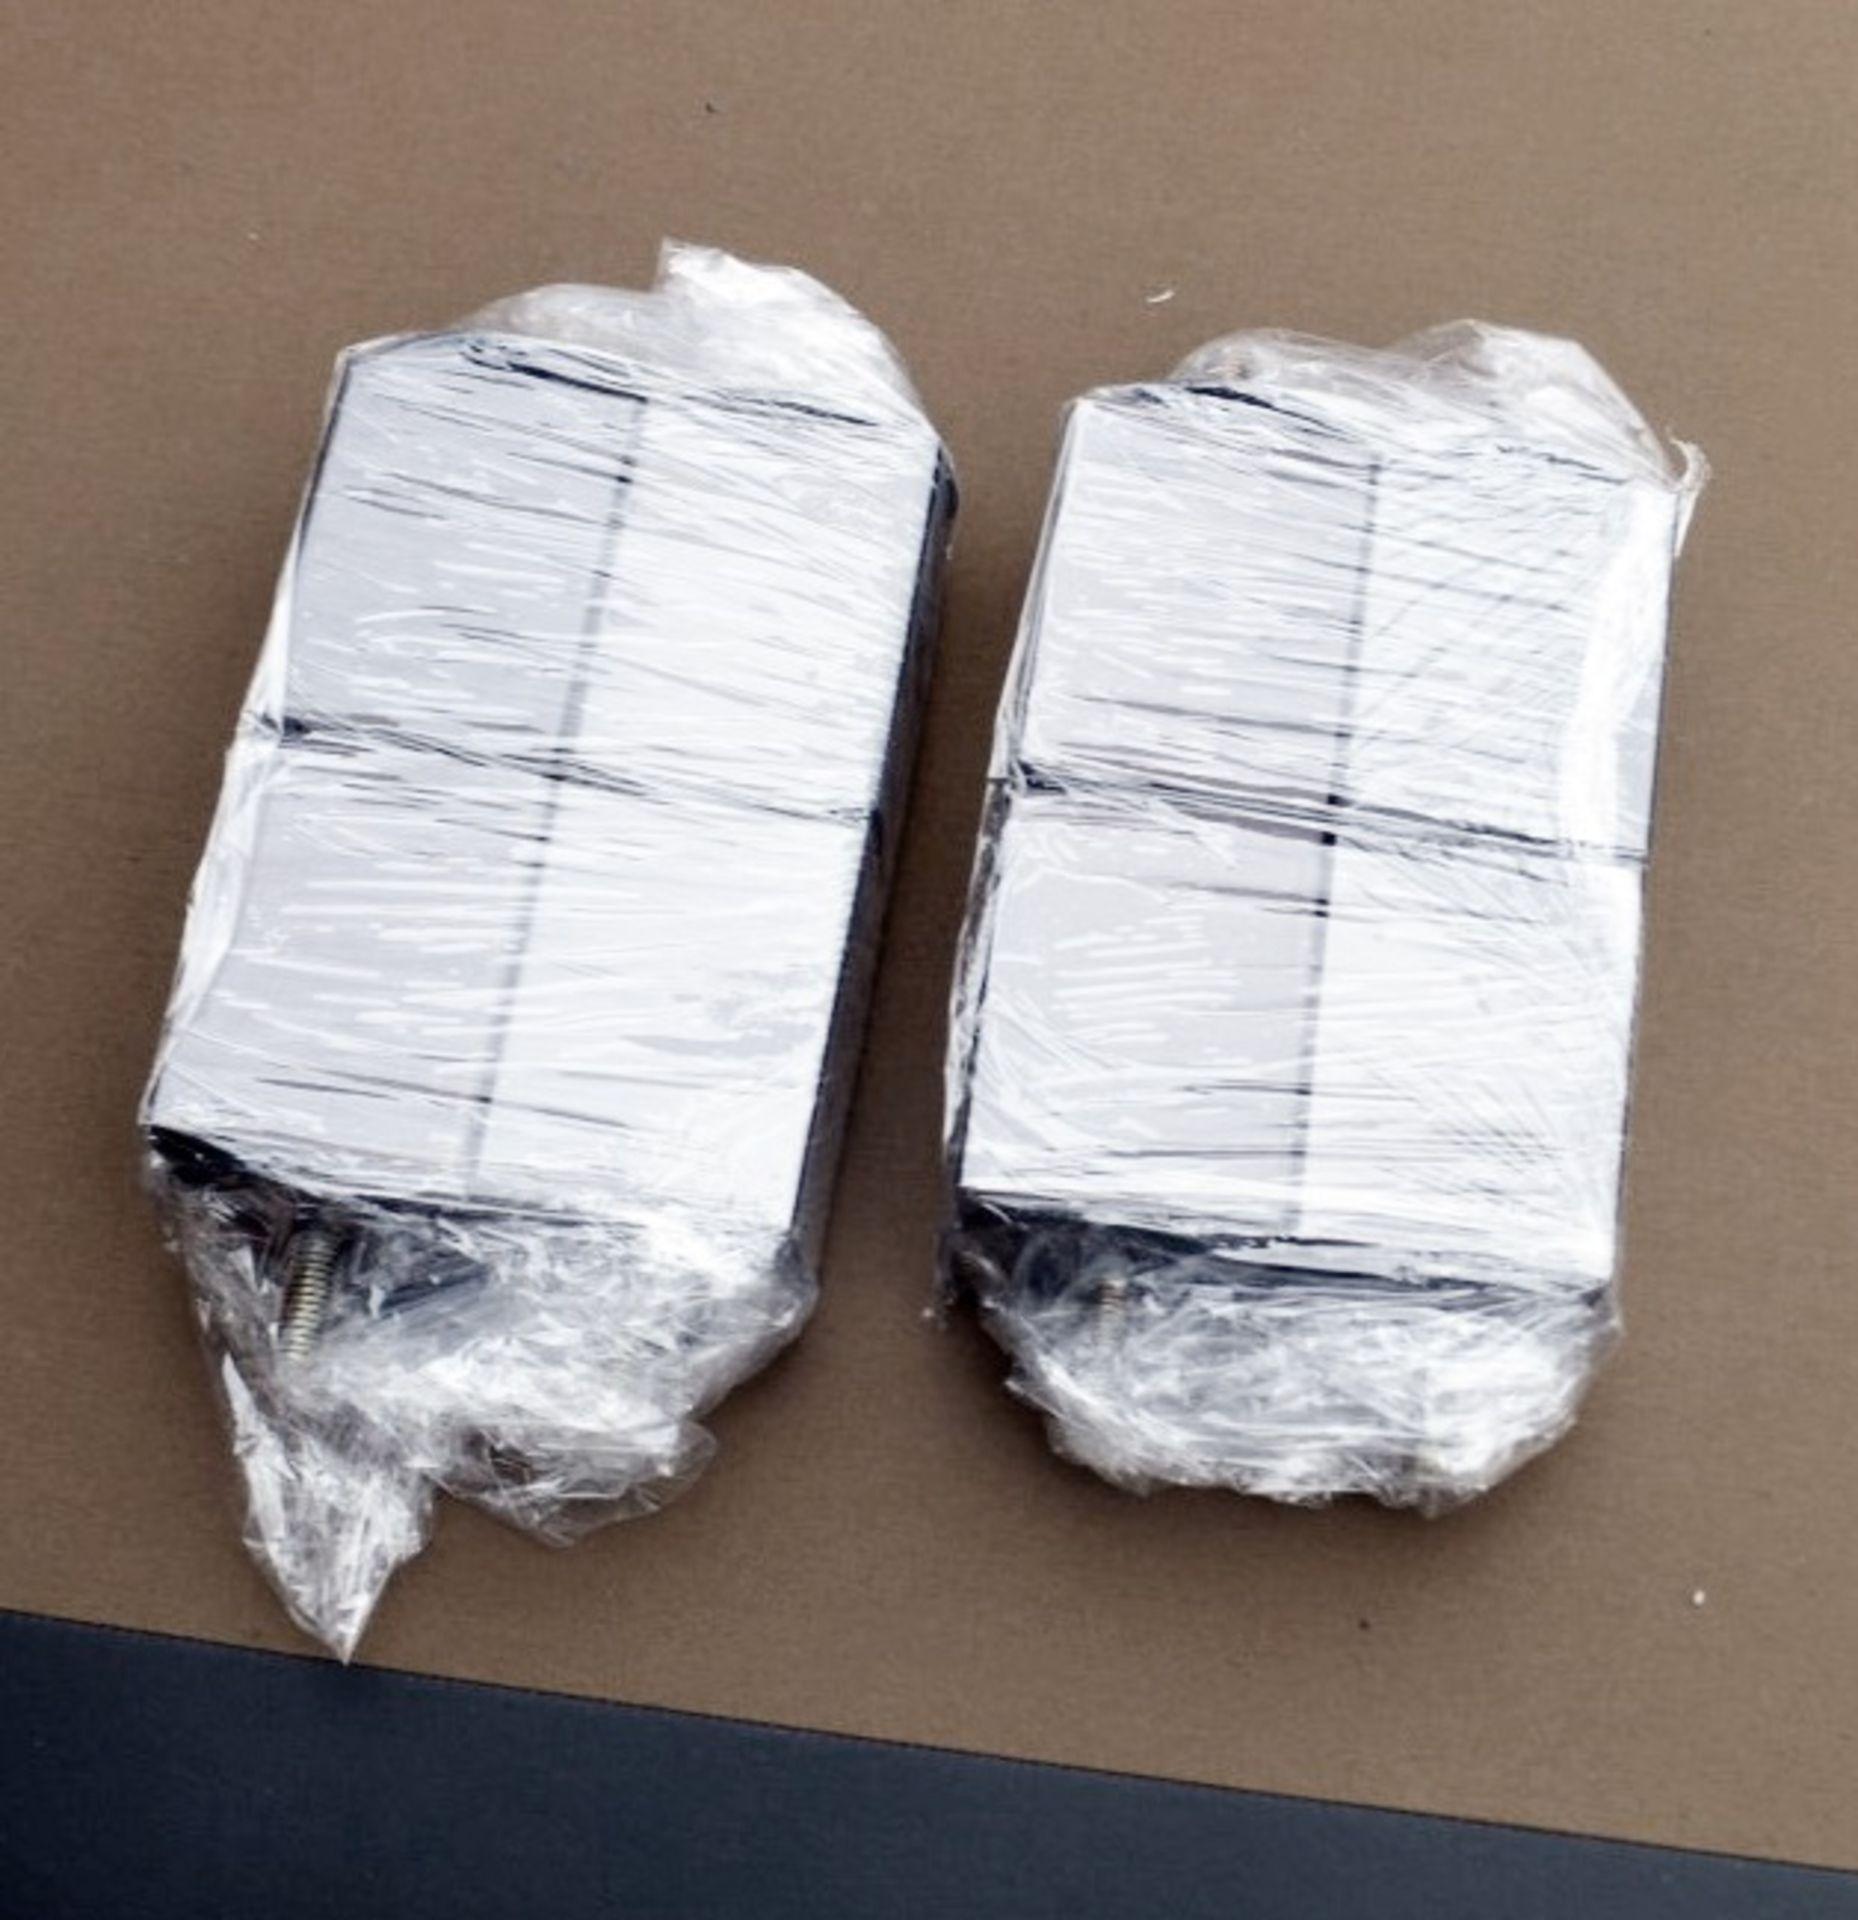 1 x COLUNEX 'Elite' Super Kingsize Divan Bed Base Upholstered In A Grey Leather - RRP £3,008 - Image 2 of 8